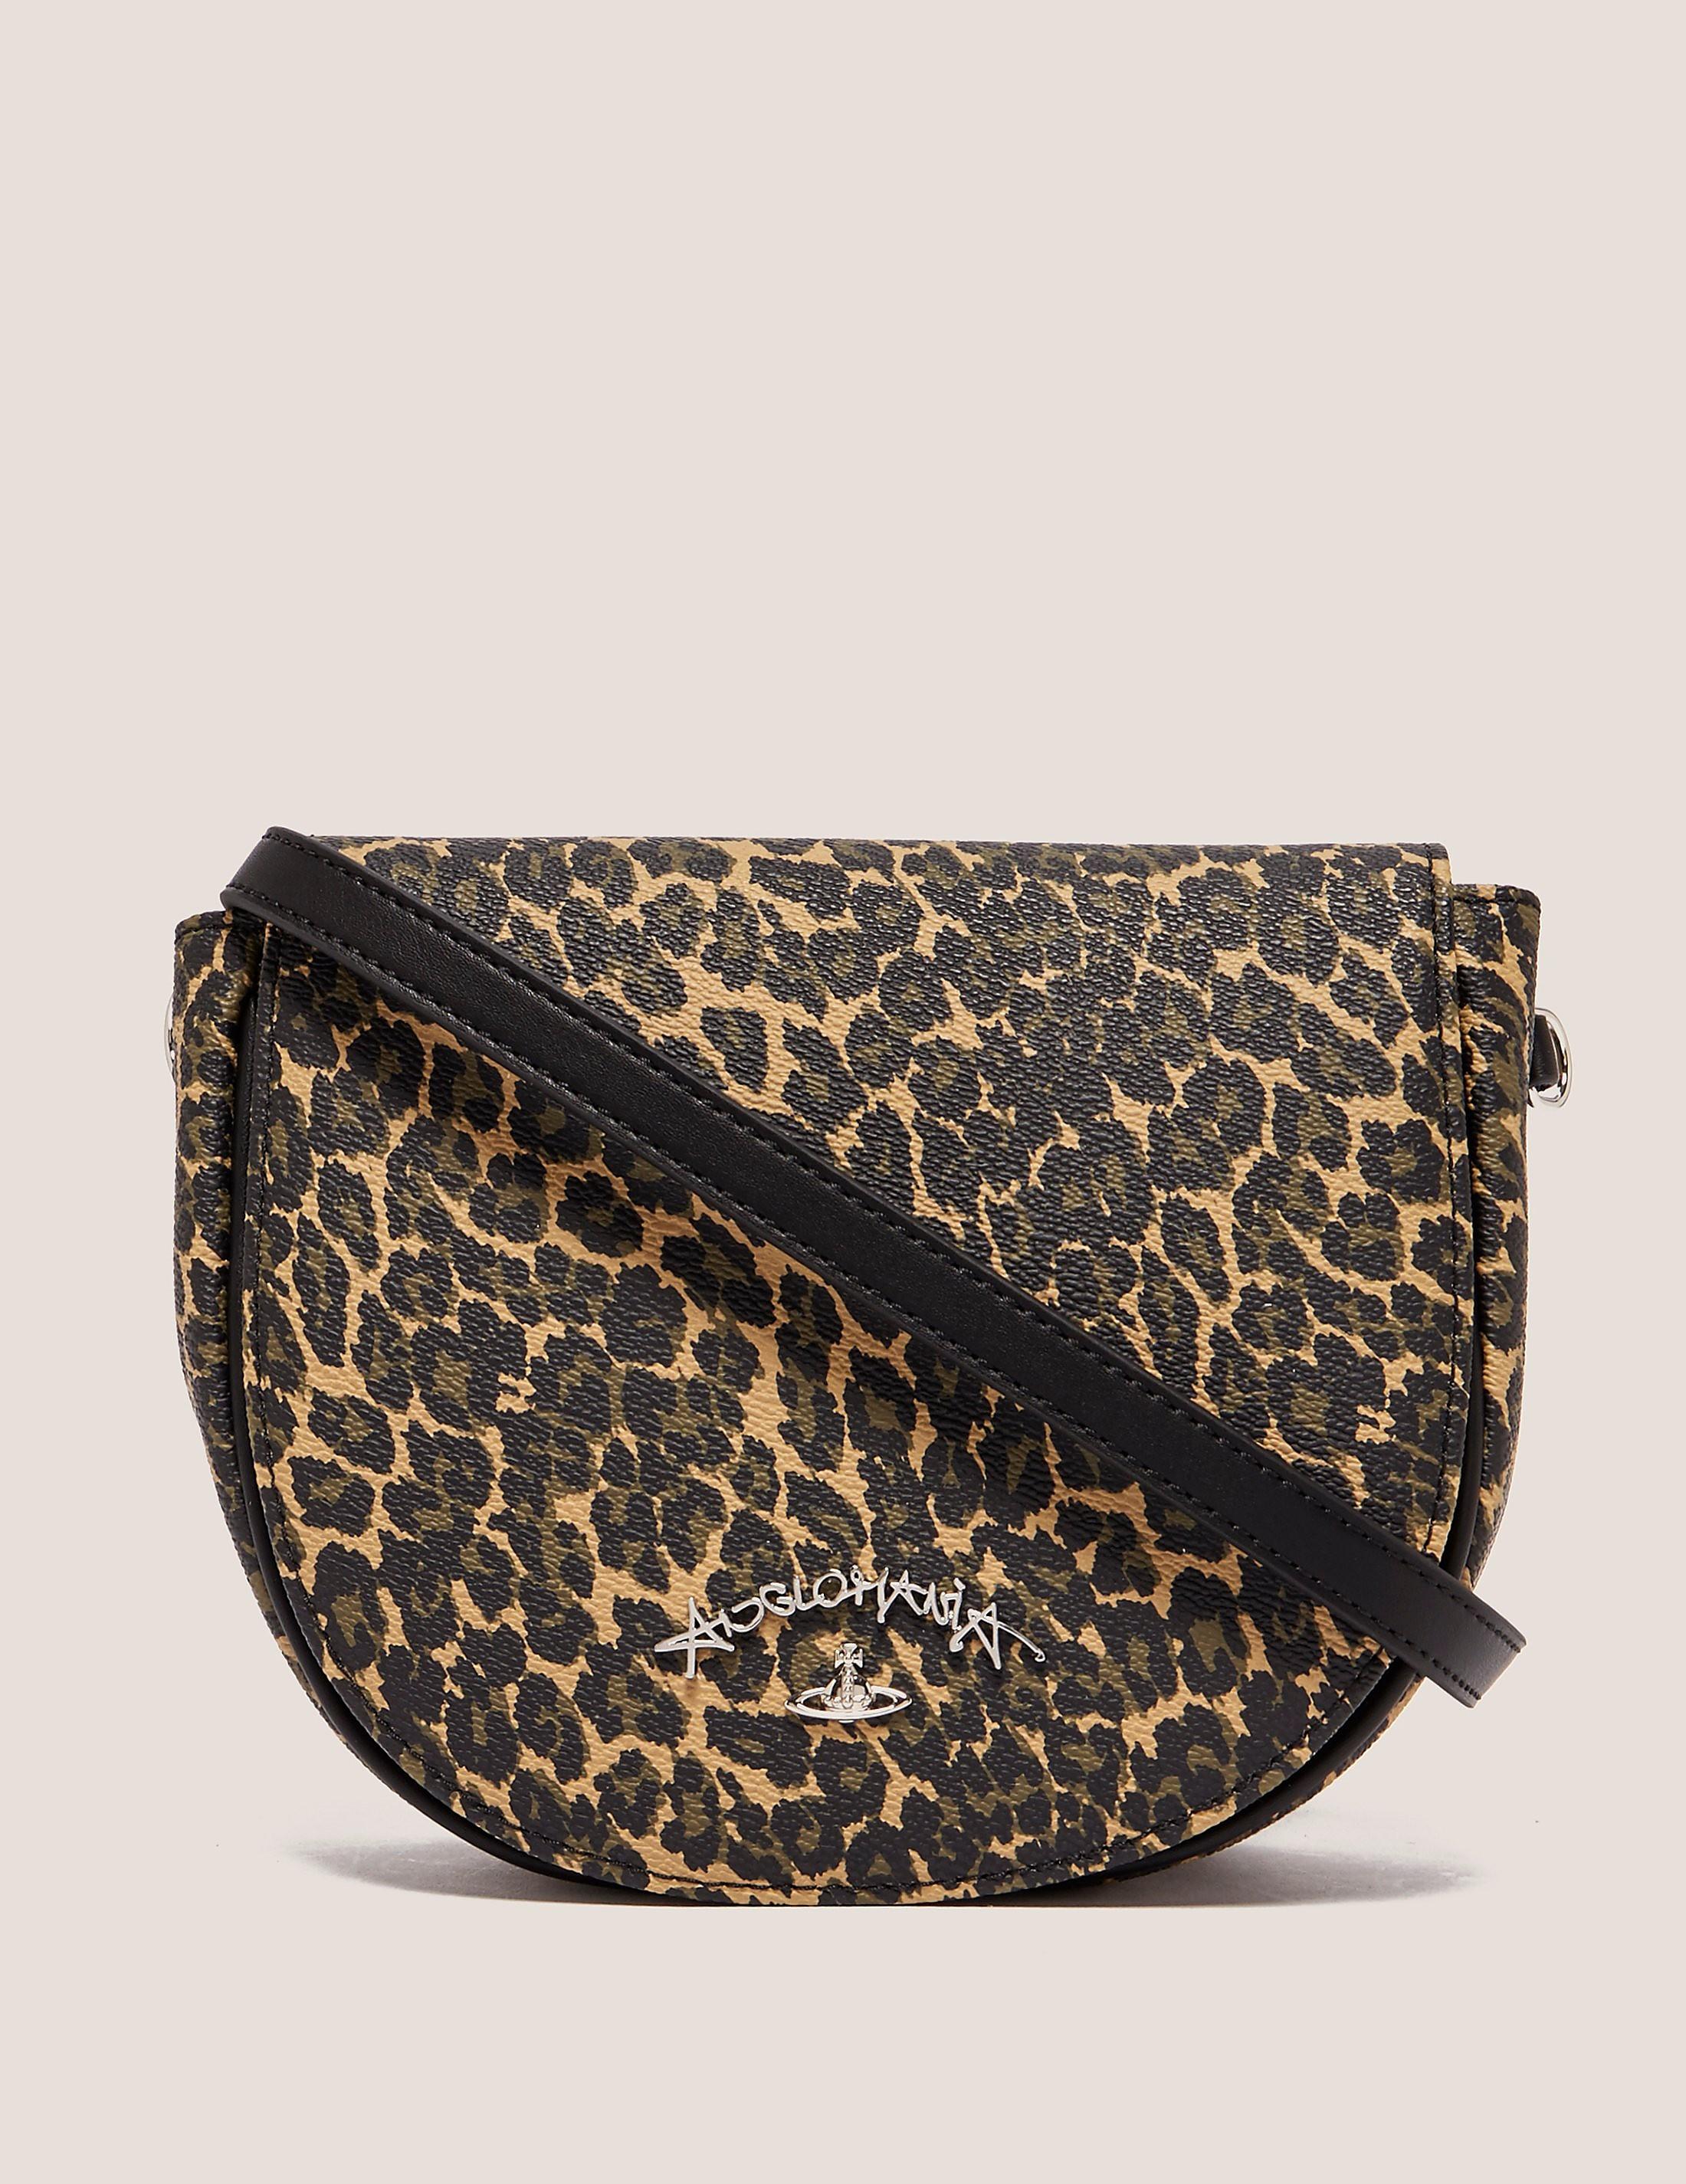 Vivienne Westwood Anglomania Leopard Shoulder Bag